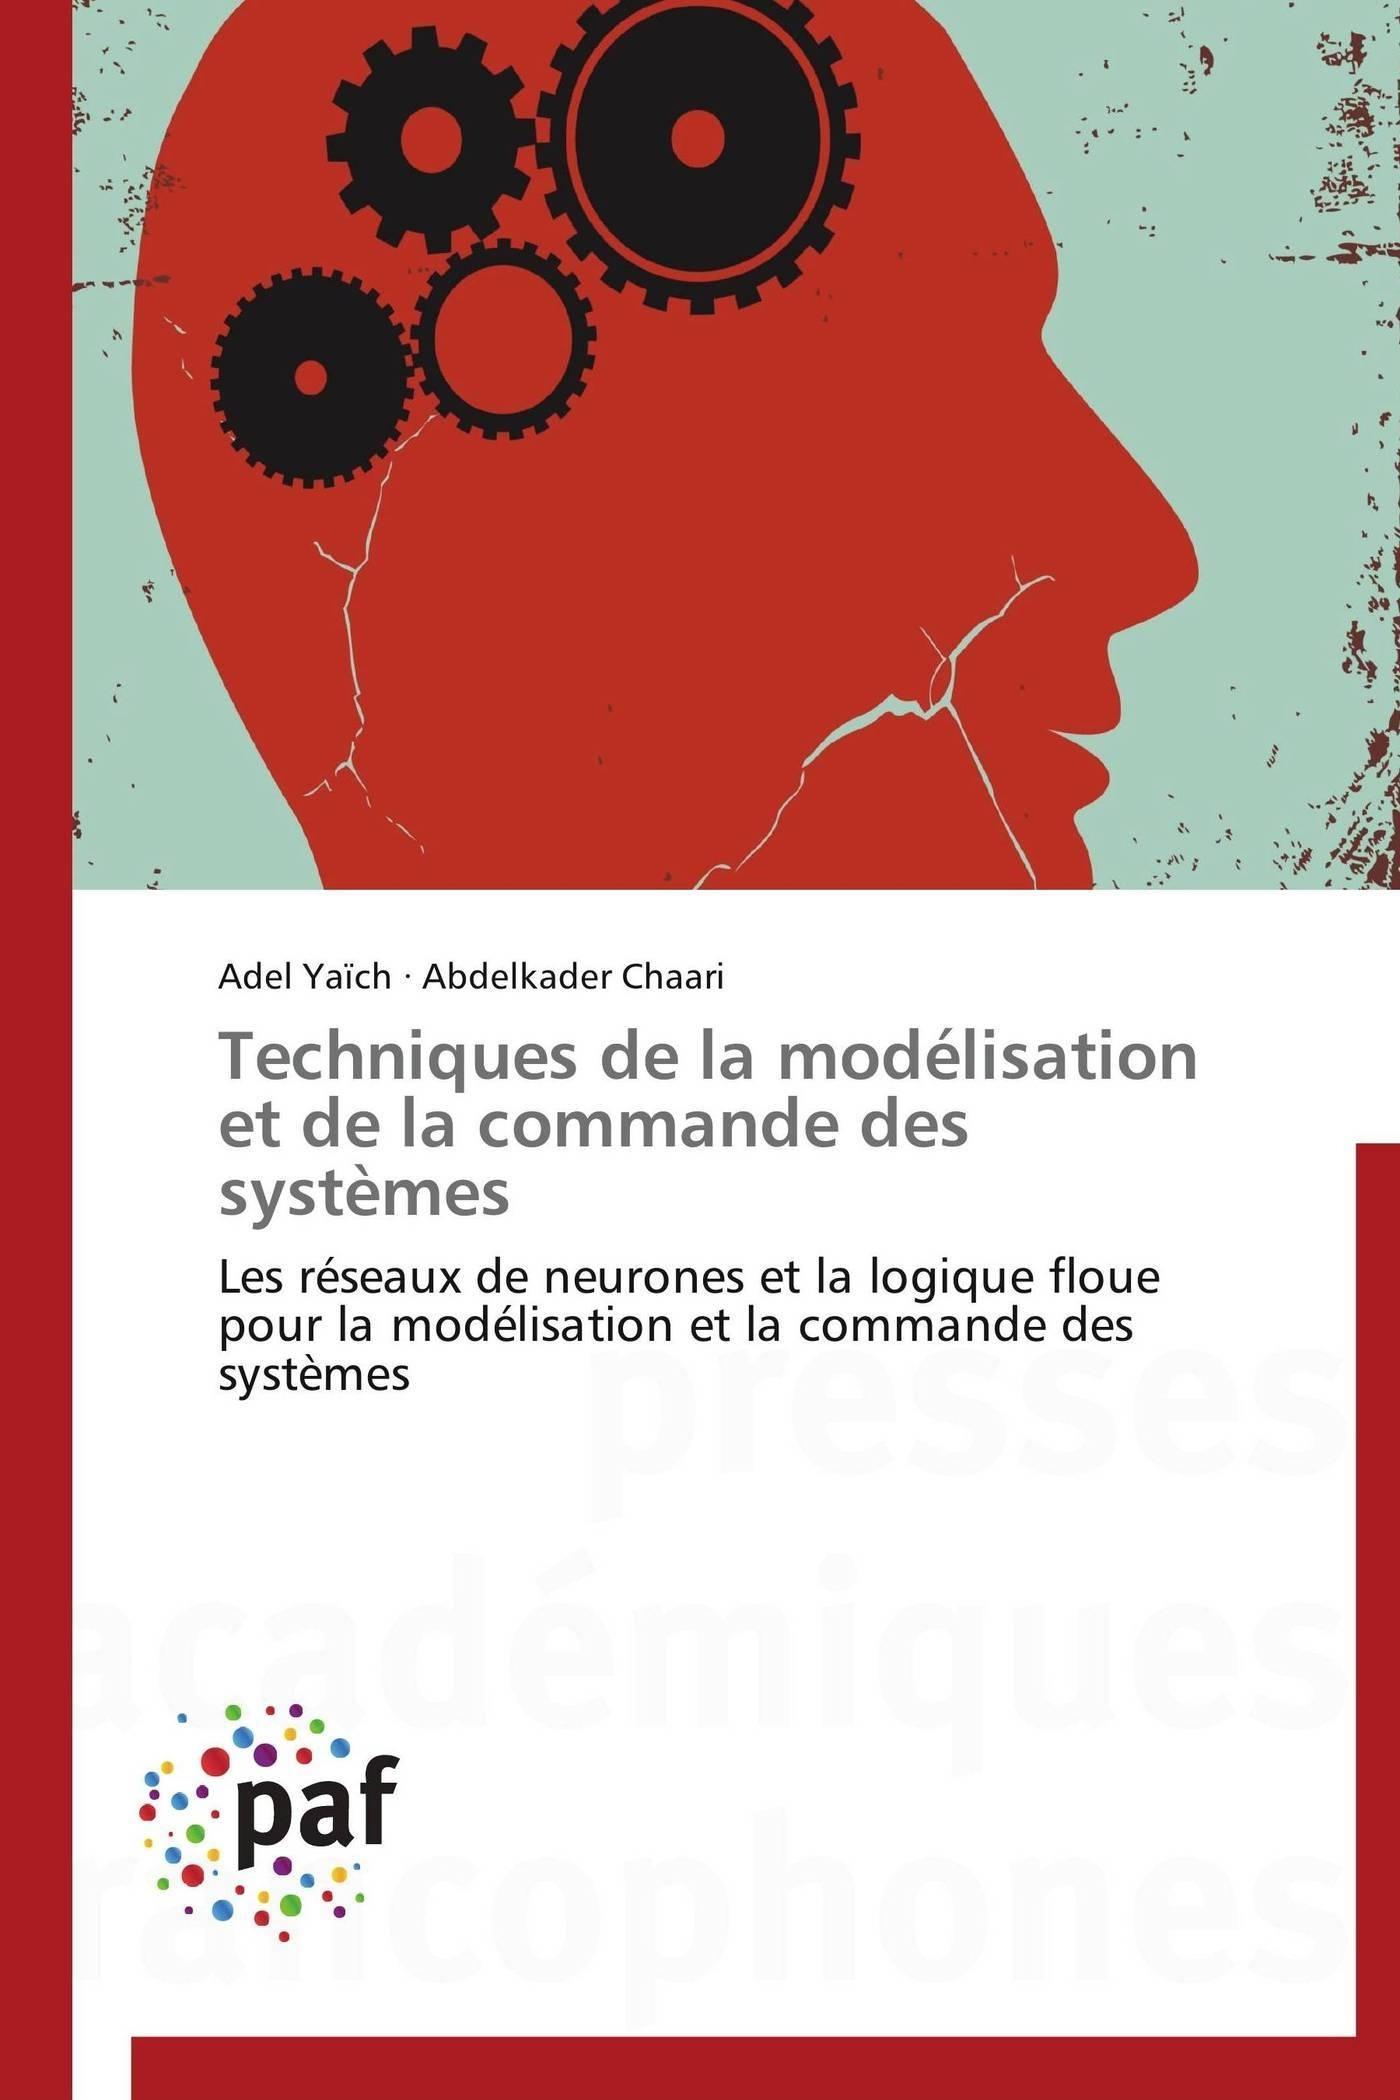 TECHNIQUES DE LA MODELISATION ET DE LA COMMANDE DES SYSTEMES